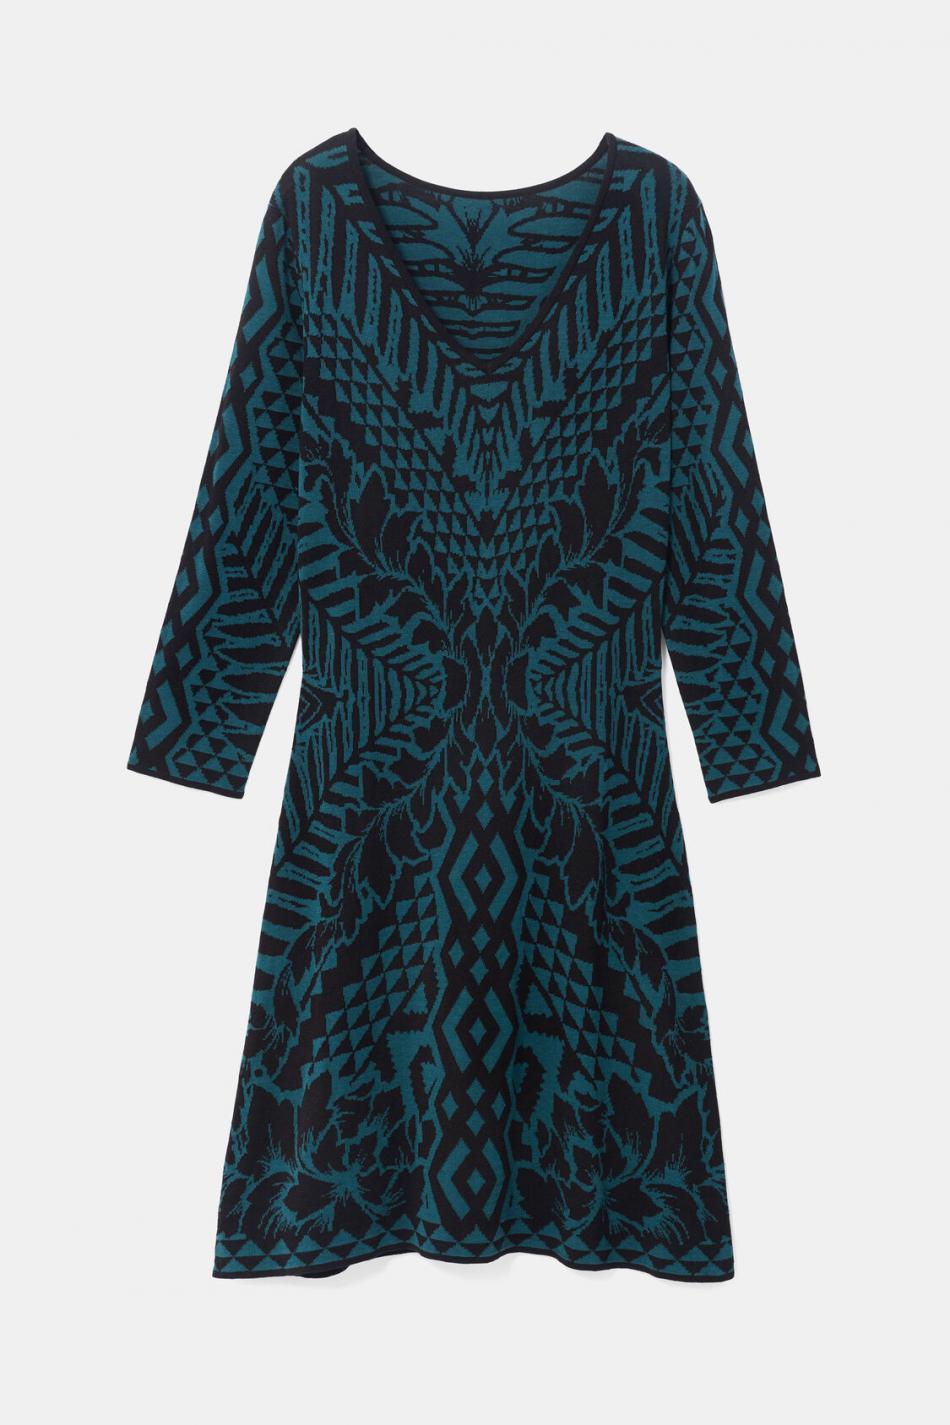 Kleid Mit Vausschnitt Green  Desigual Damen Kleider